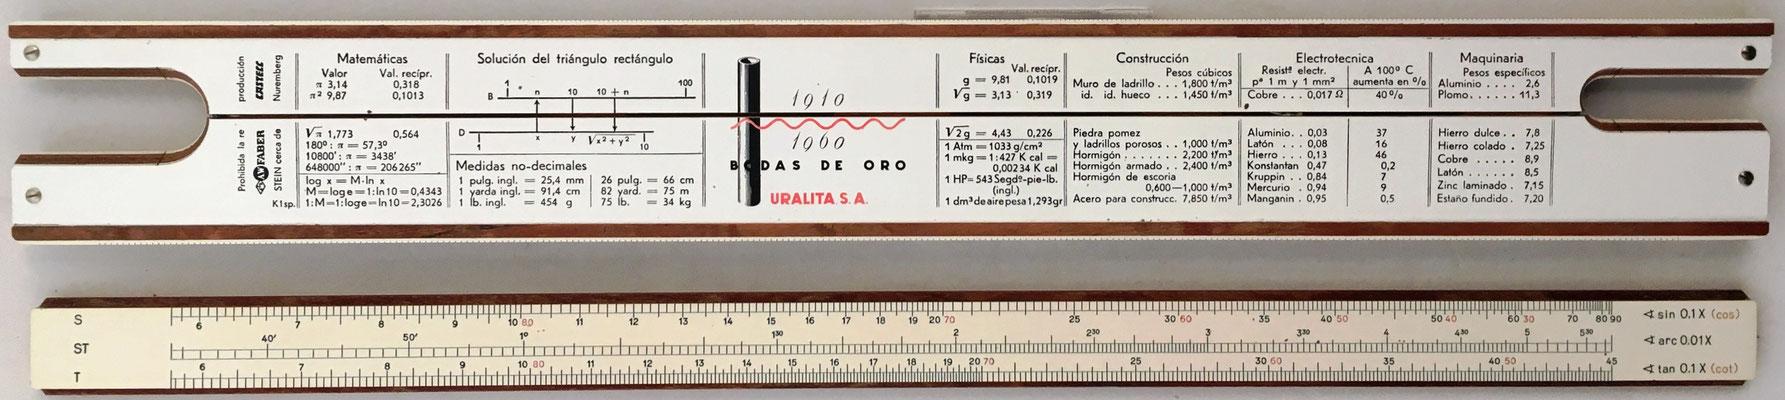 Reverso de la regla URALITA S.A (Faber-Castell 1/87) y de la reglilla. en sus bodas de oro